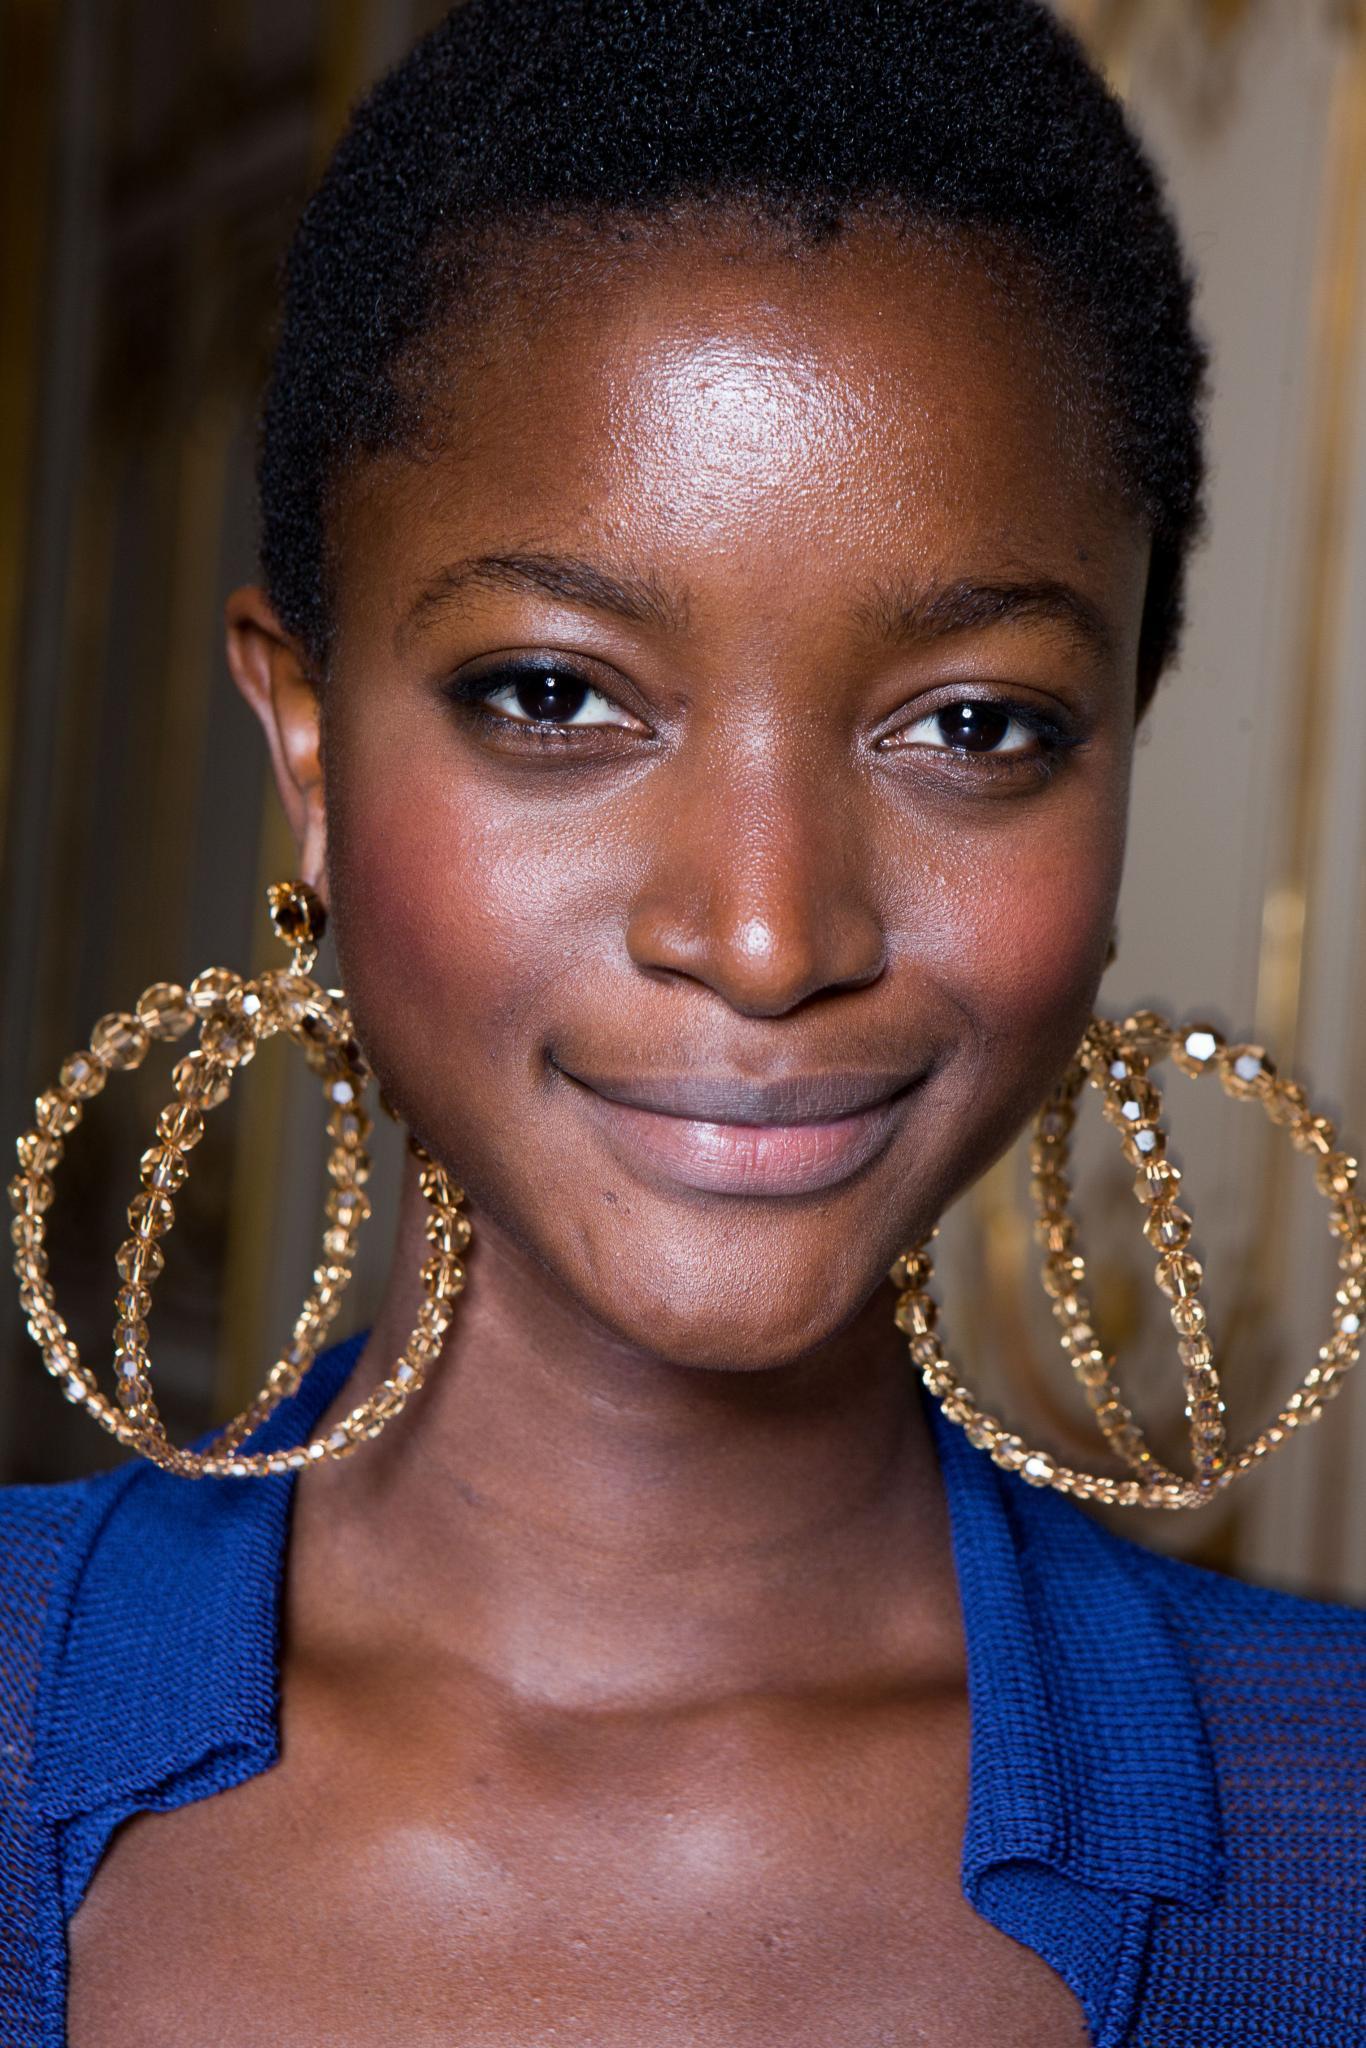 Cheveux noirs courts : Un modèle avec une coupe afro courte portant de grandes boucles d'oreilles dorées.